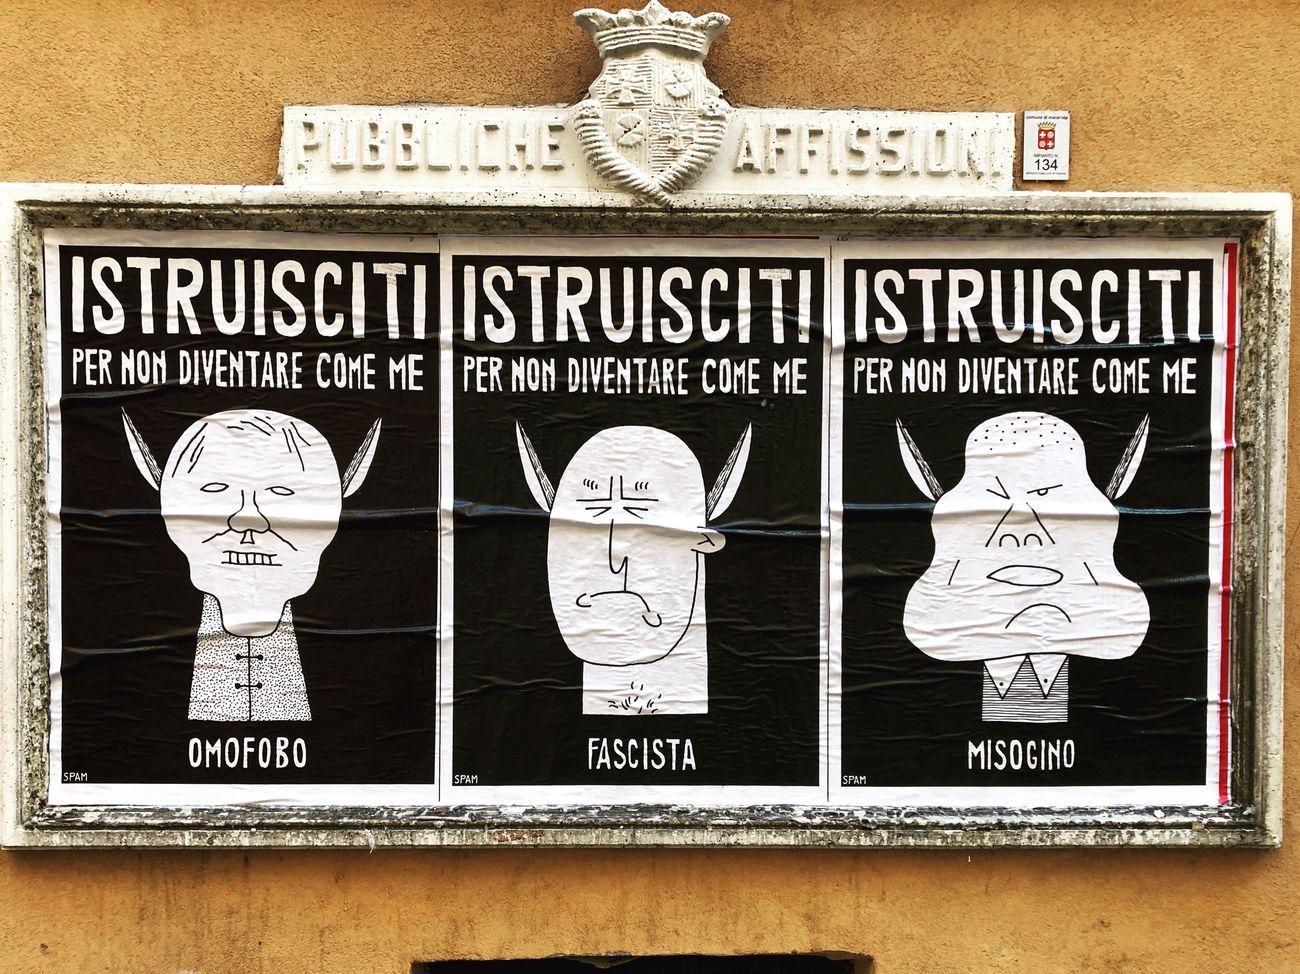 Salotto Dello Spam.Intervista Agli Street Artist Di Guerrilla Spam Artribune